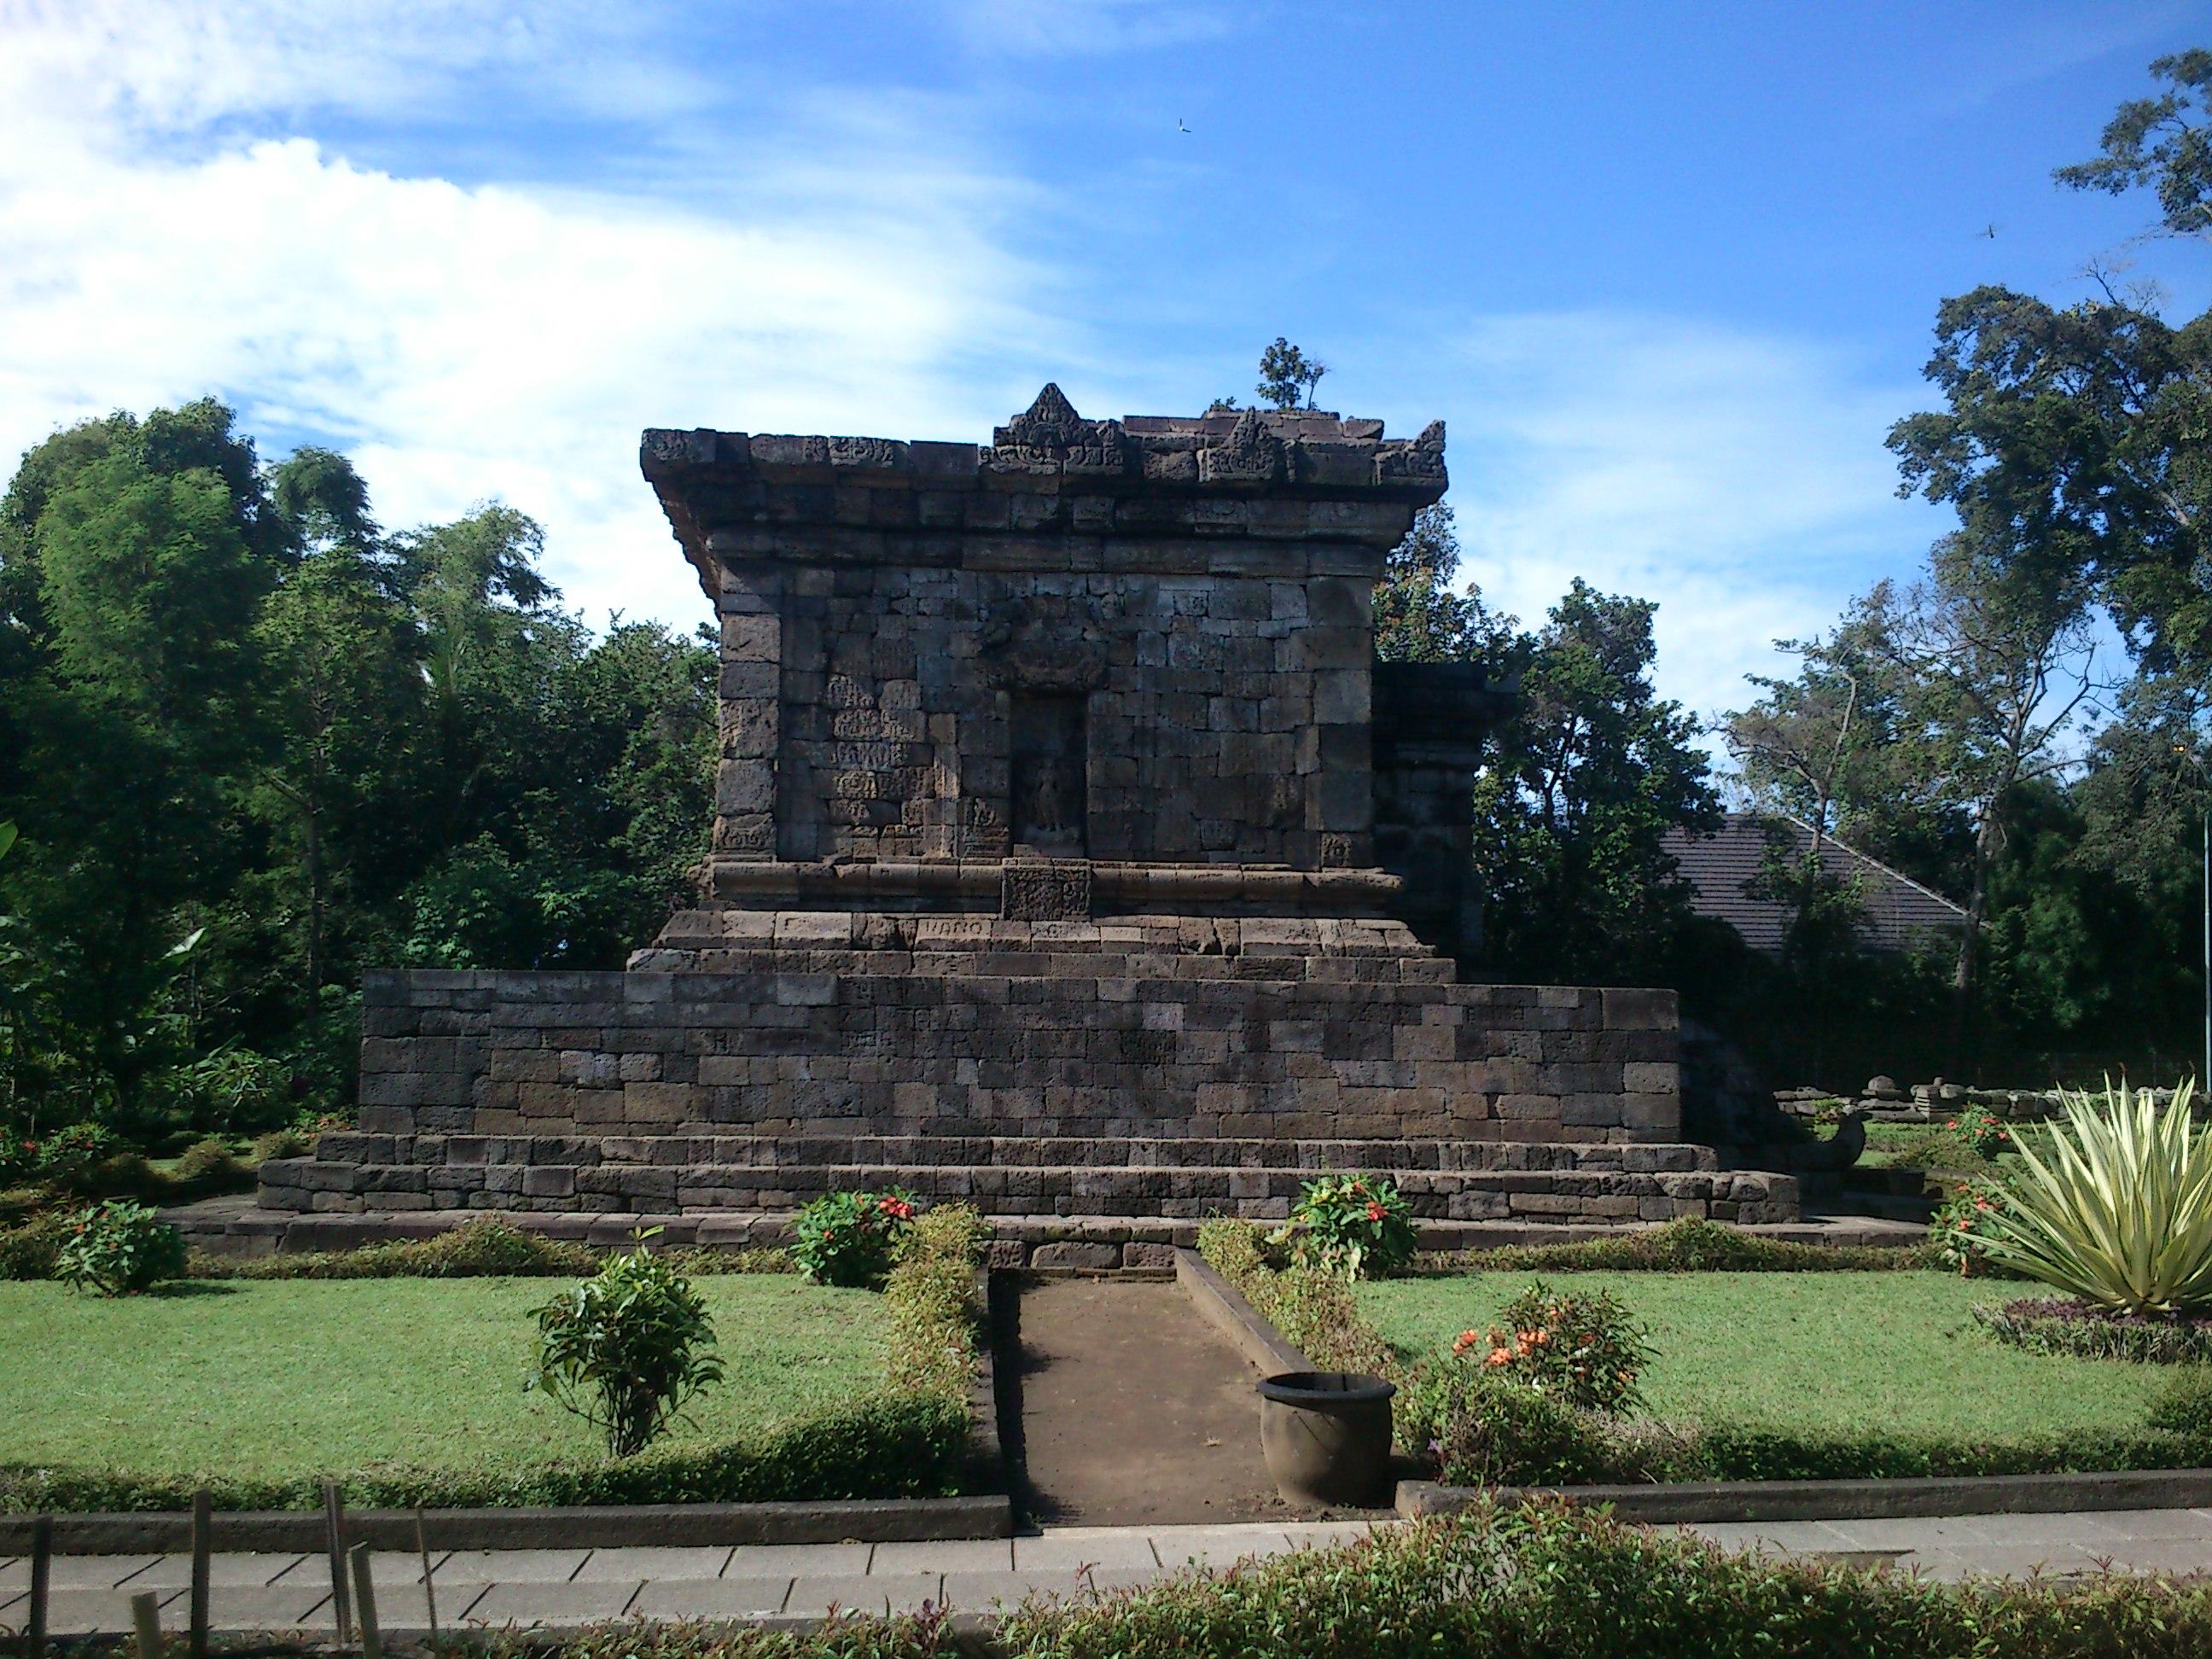 Menelusuri Situs Purbakala Kota Malang Perjalanan Hati Nyaris Tak Terlihat